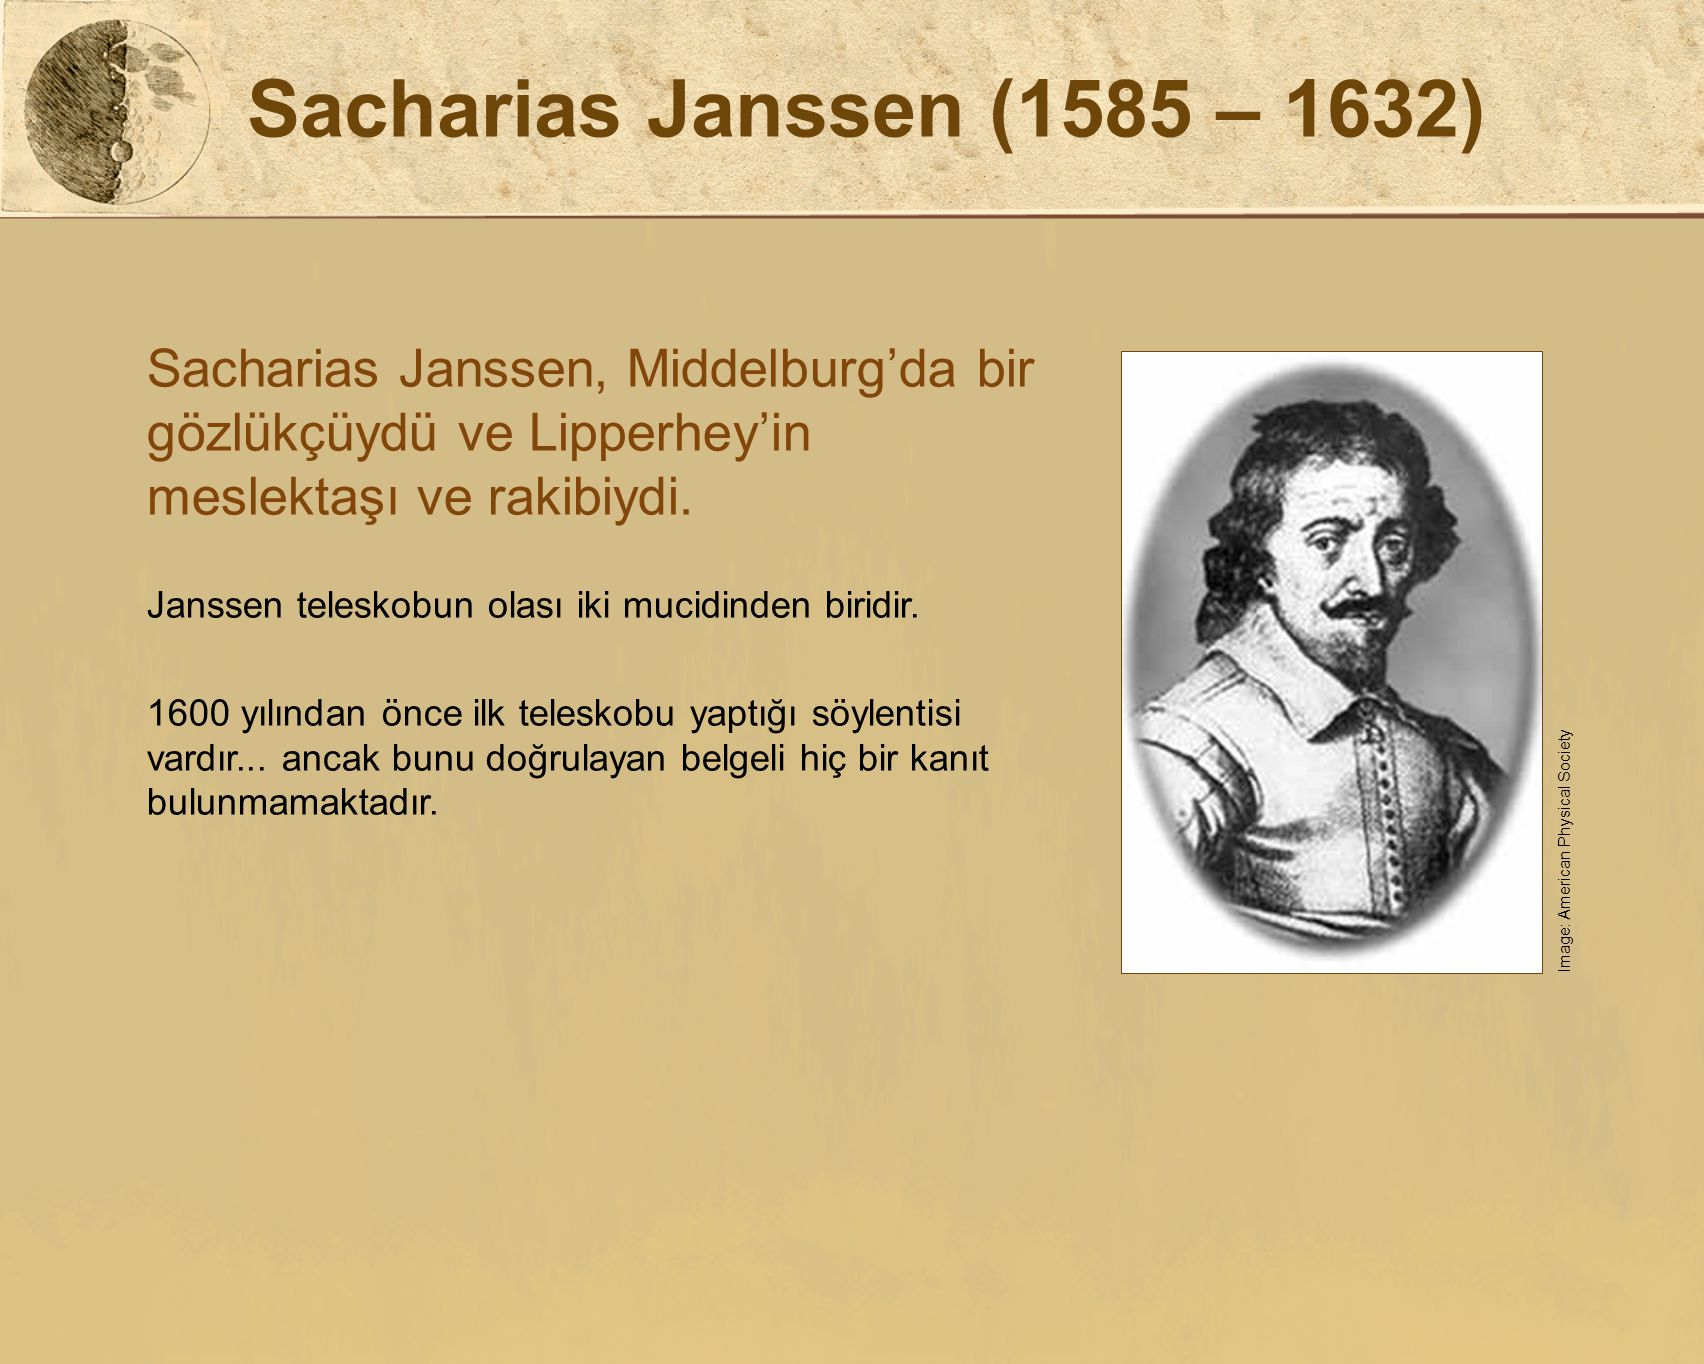 Sacharias Janssen (1585 – 1632) Sacharias Janssen, Middelburg'da bir gözlükçüydü ve Lipperhey'in meslektaşı ve rakibiydi. Janssen teleskobun olası iki